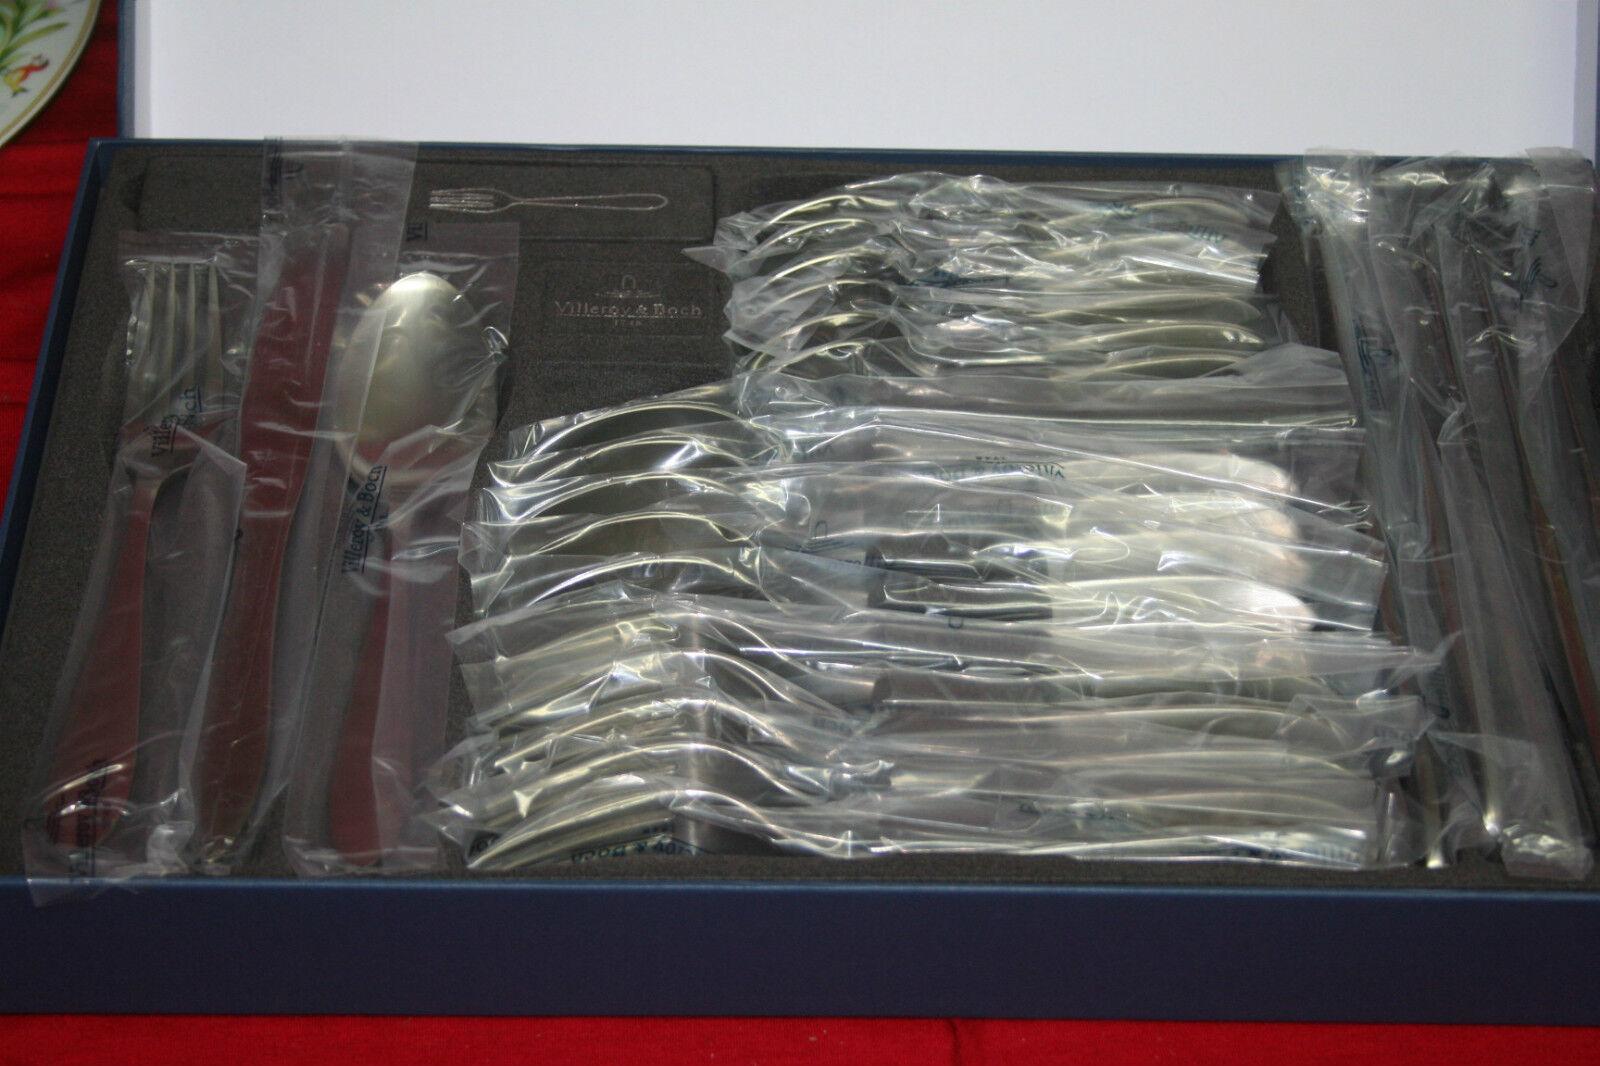 scegli il tuo preferito Villeroy & Boch Arthur spazzolato spazzolato spazzolato 24tlg. POSATE  ordina ora i prezzi più bassi